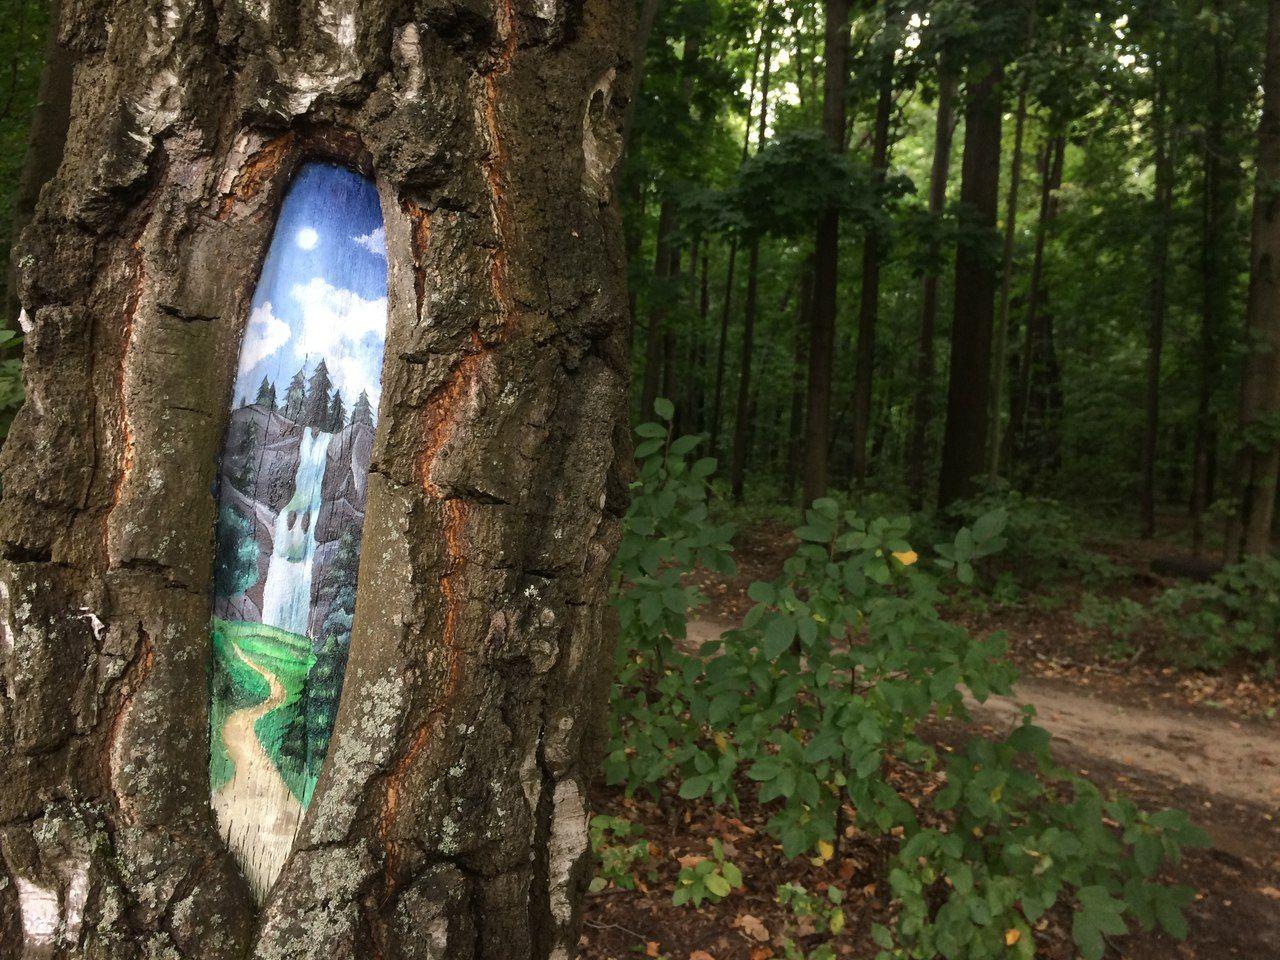 водопад, рисунки на деревьях